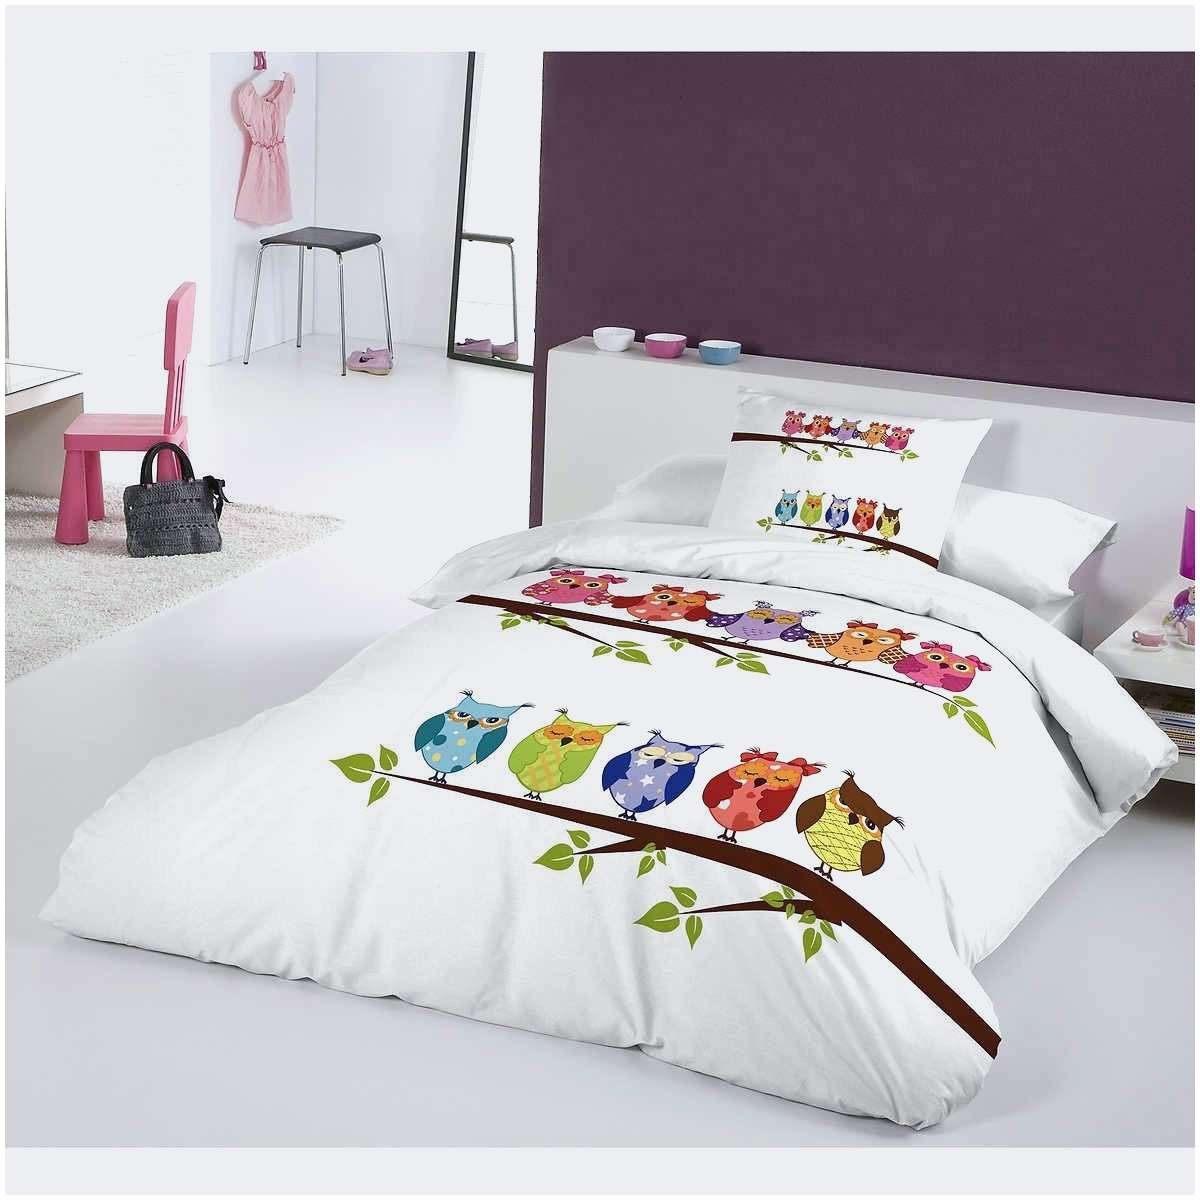 Linge De Lit Satin Frais Impressionnant Matelas Design tonnant Matelas 140×200 Ikea Luxe 59 G